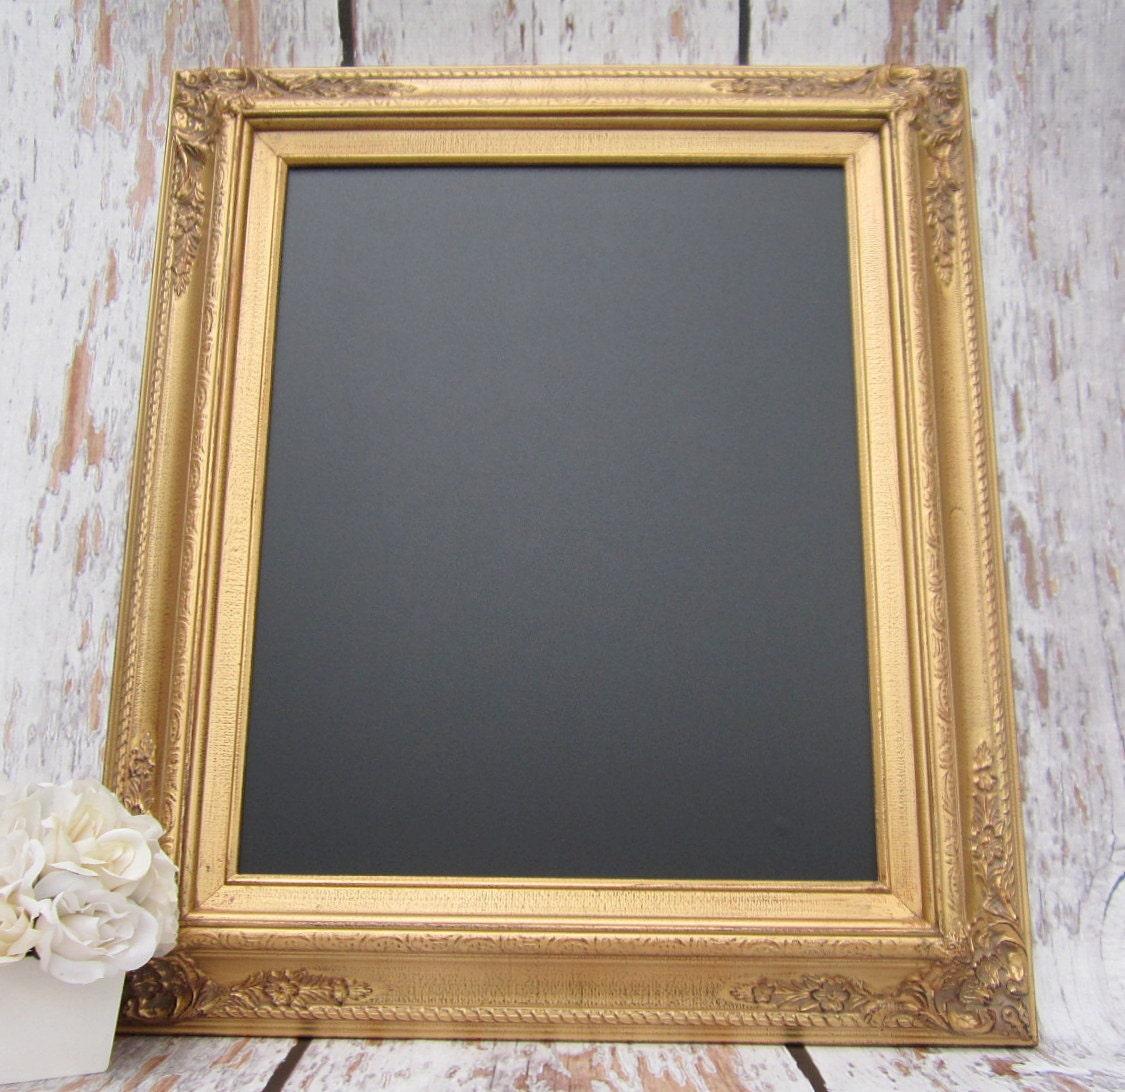 Gold Framed Chalkboard Kitchen Magnetic Memo Board Home Decor